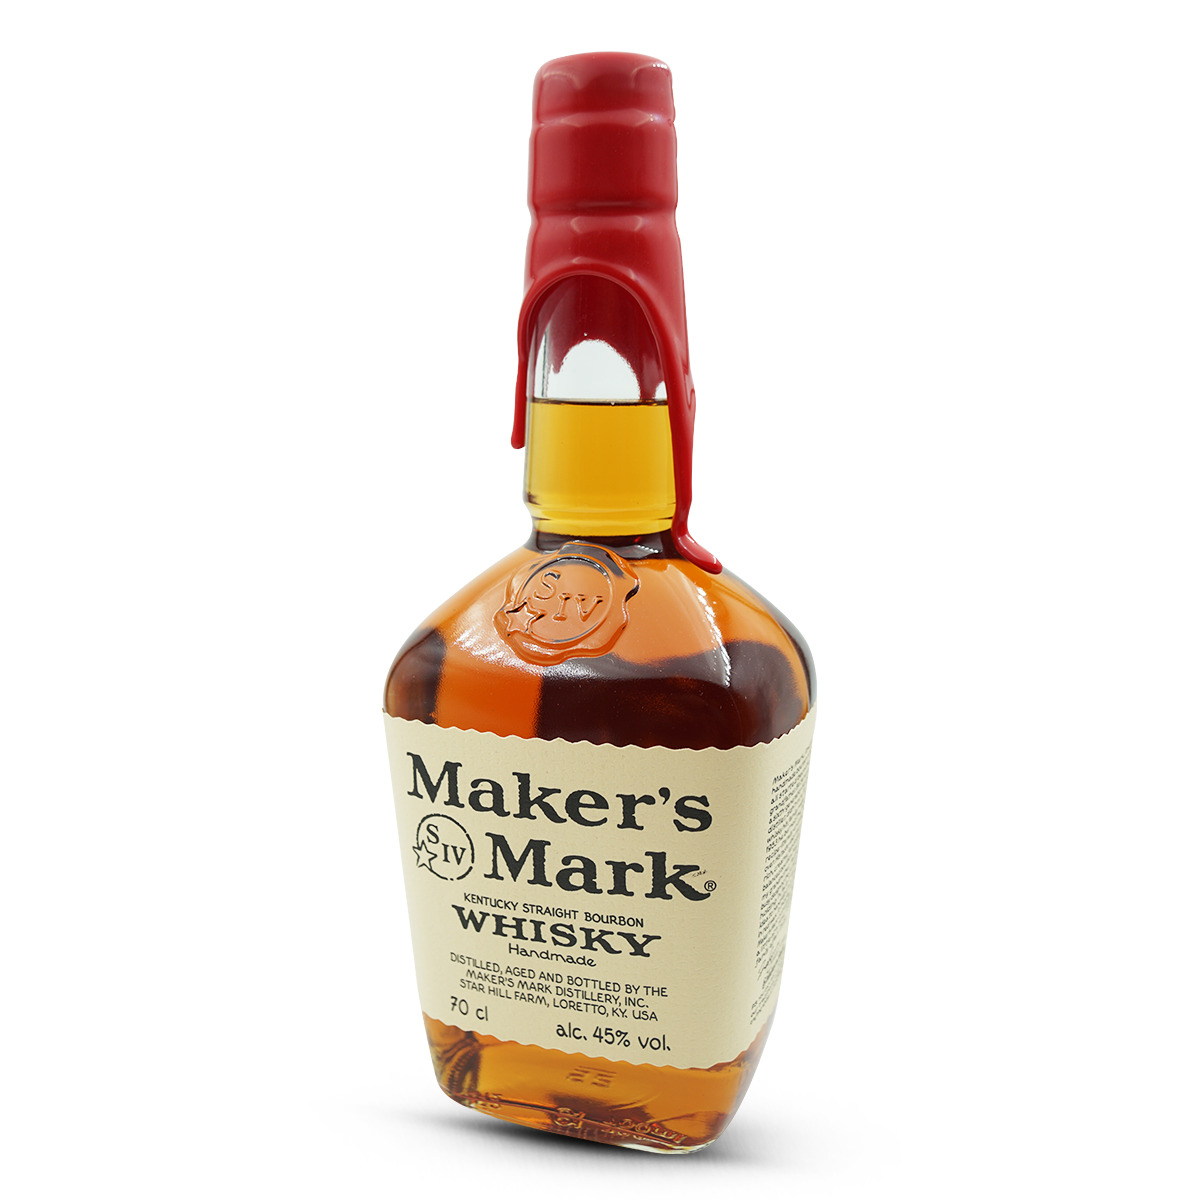 Maker's Mark Kentucky Straight Bourbon Whisky 45%